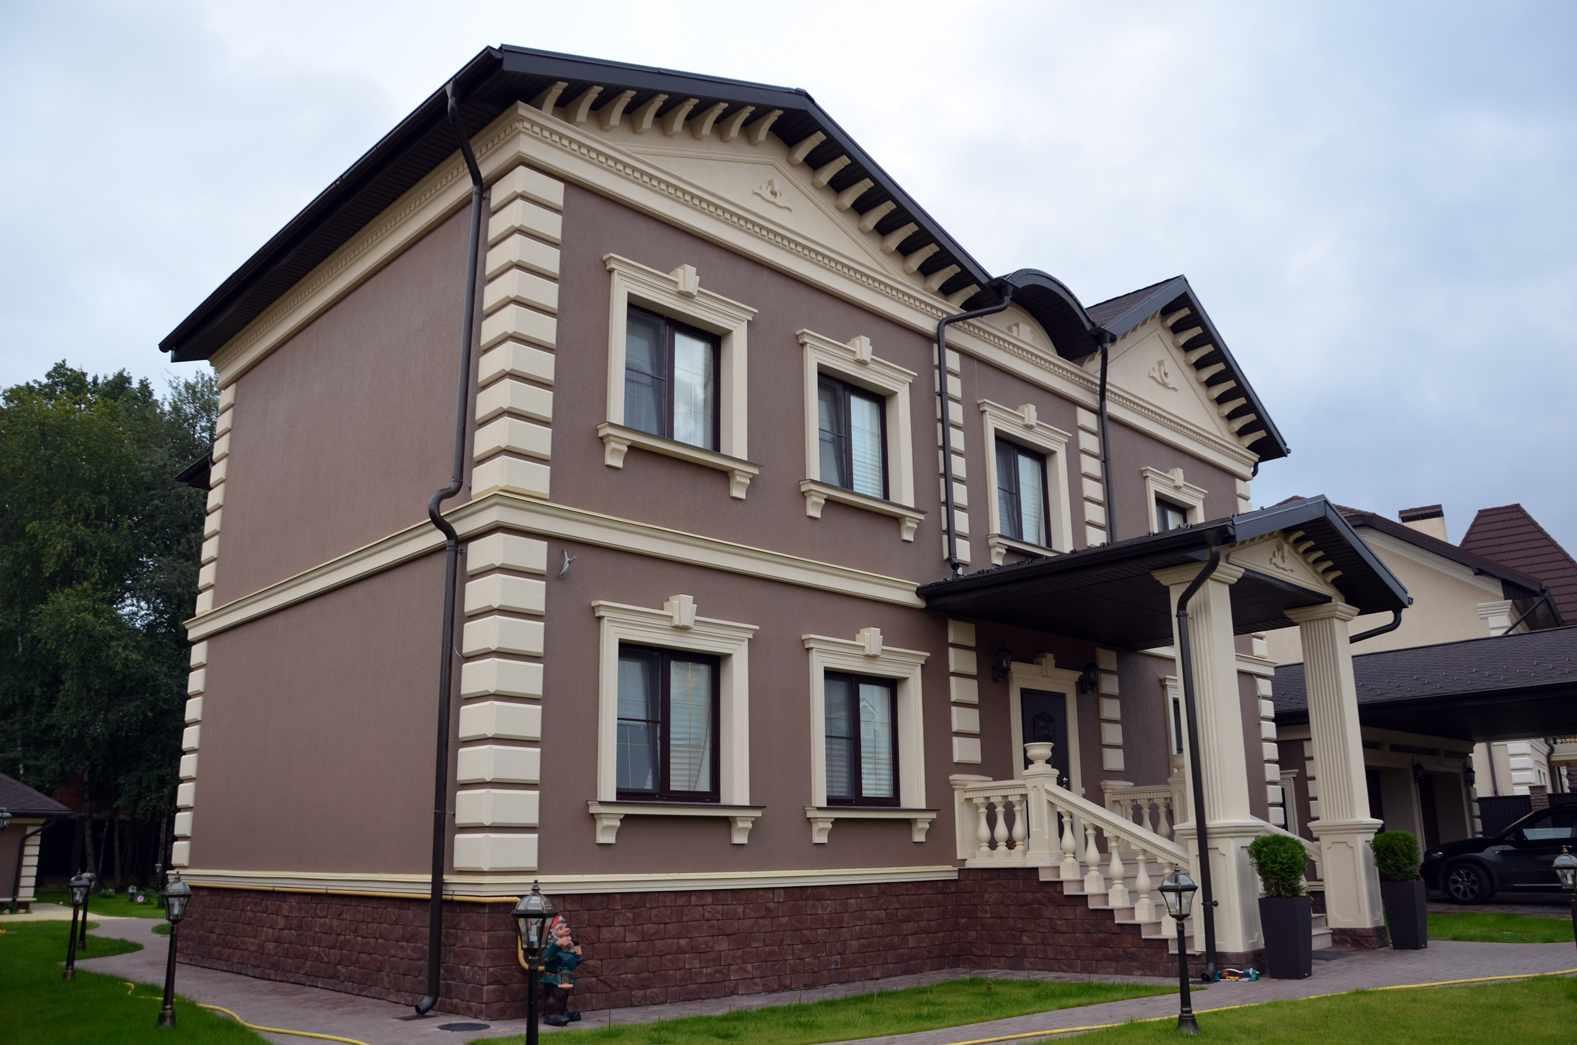 Фасад дома с отделкой из штукатурки